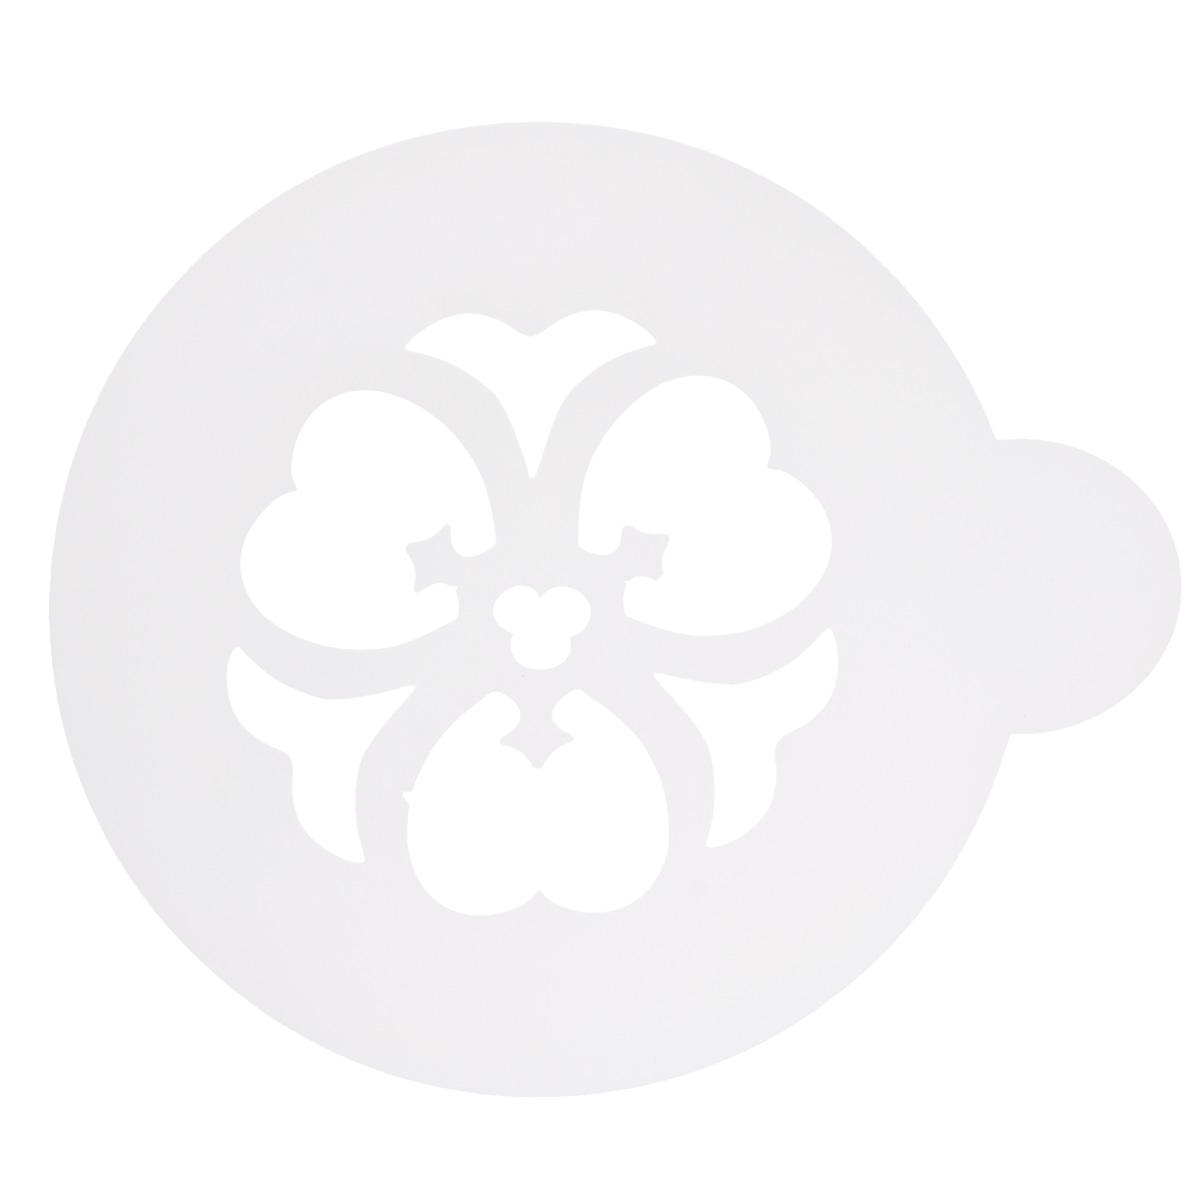 Трафарет на кофе и десерты Леденцовая фабрика Цветочек, диаметр 10 см трафарет на кофе и десерты леденцовая фабрика кошка с рыбой диаметр 10 см